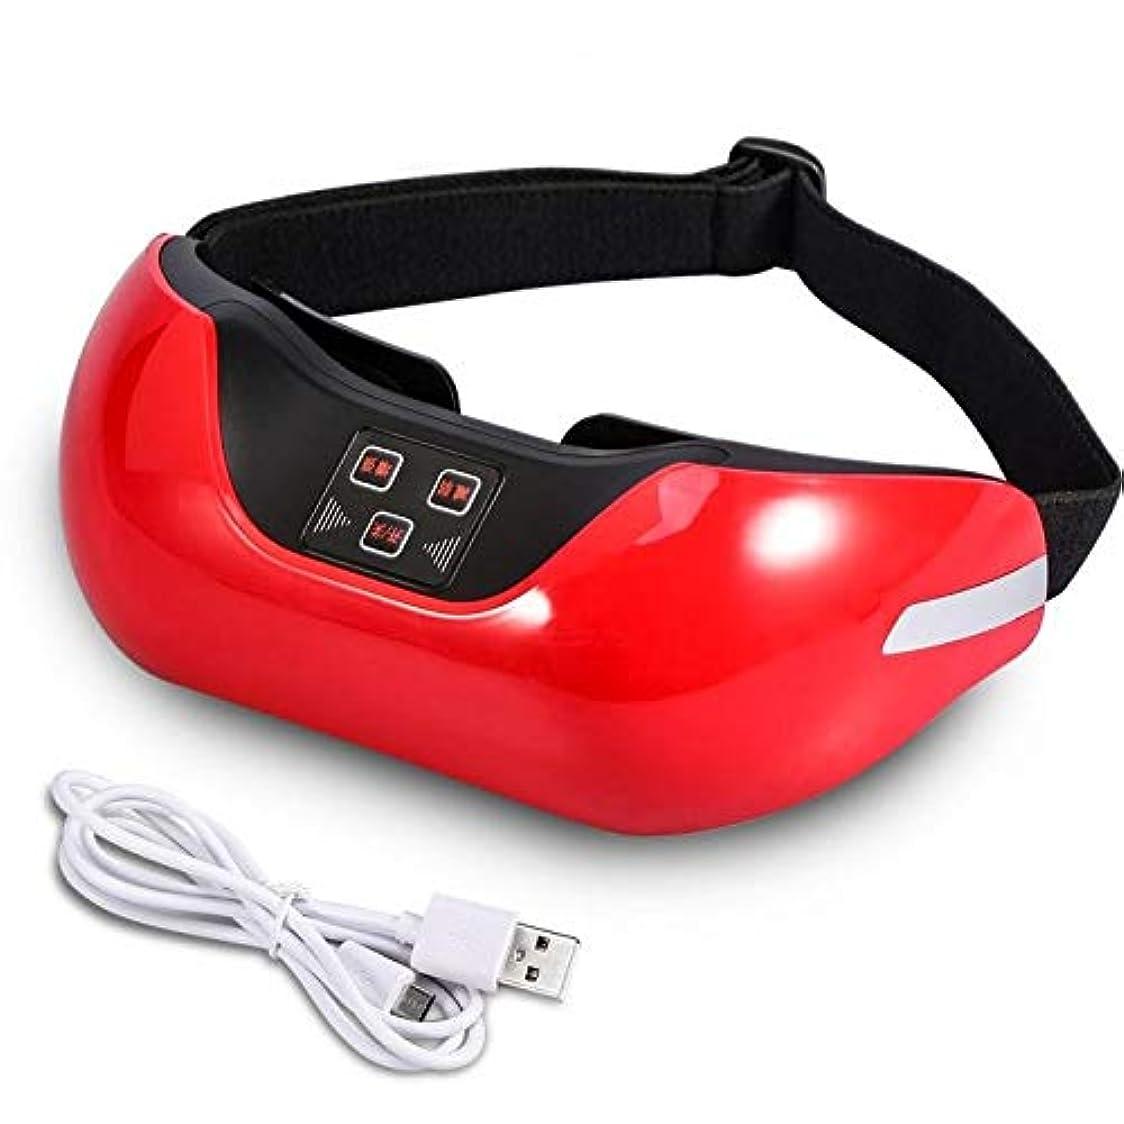 ペインガチョウ不快Ruzzy 緑色光アイマッサージャー付き3D充電式マッサージャー 購入へようこそ (Color : Red)